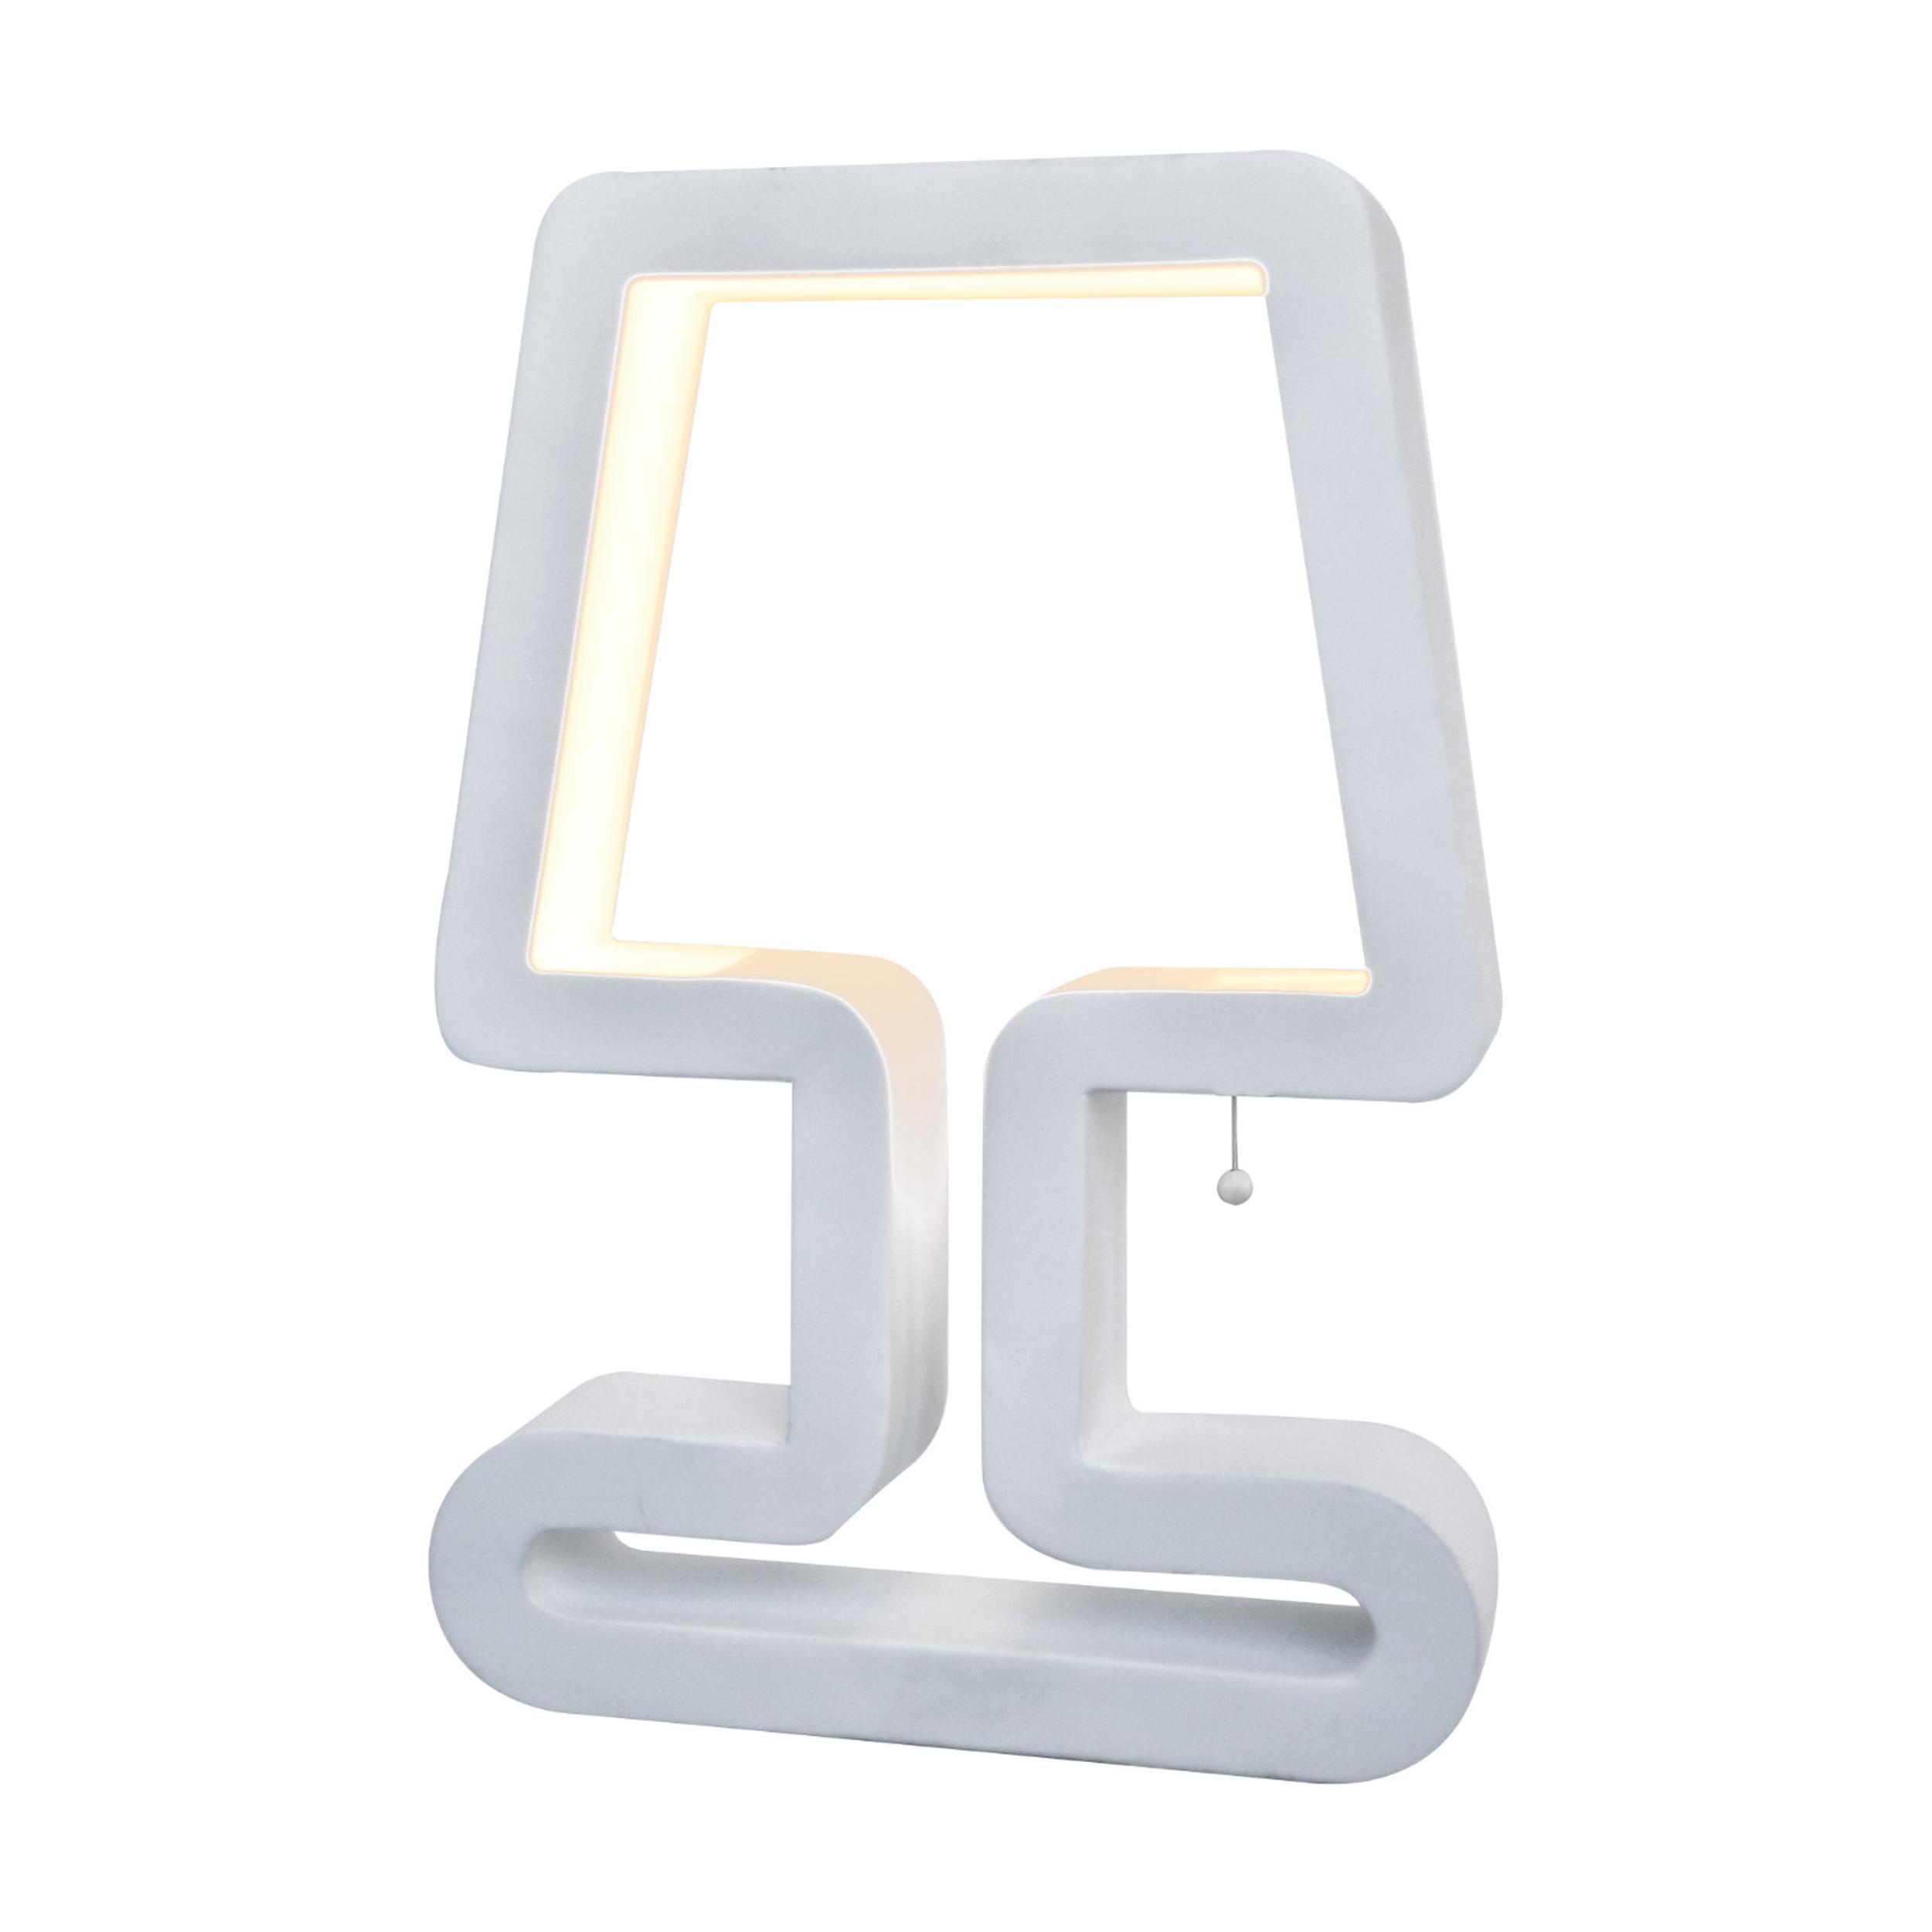 Abat Jour Lampada Da Tavolo A Led Logo In Acciaio E Policarbonato 21x50xh30 Cm 12 W 758 Lumen Colore Bianco Mimax Lighting Stilcasa Net Lampade A Led